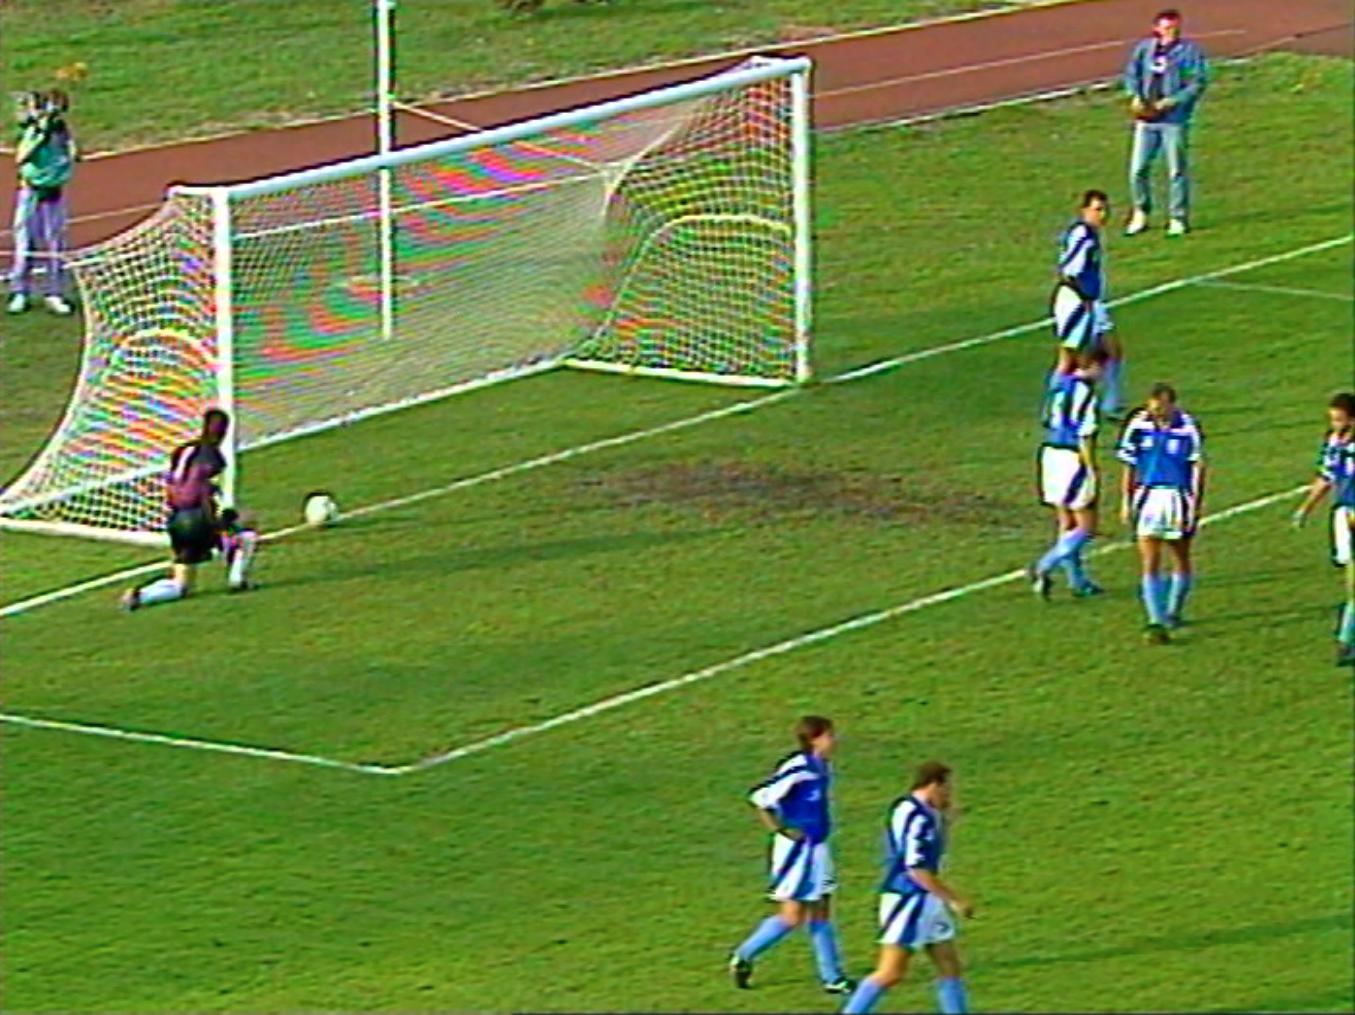 Piłka w bramce Izraela. Mecz towarzyski Polska - Izrael z 1992 roku, który został rozegrany w Mielcu.